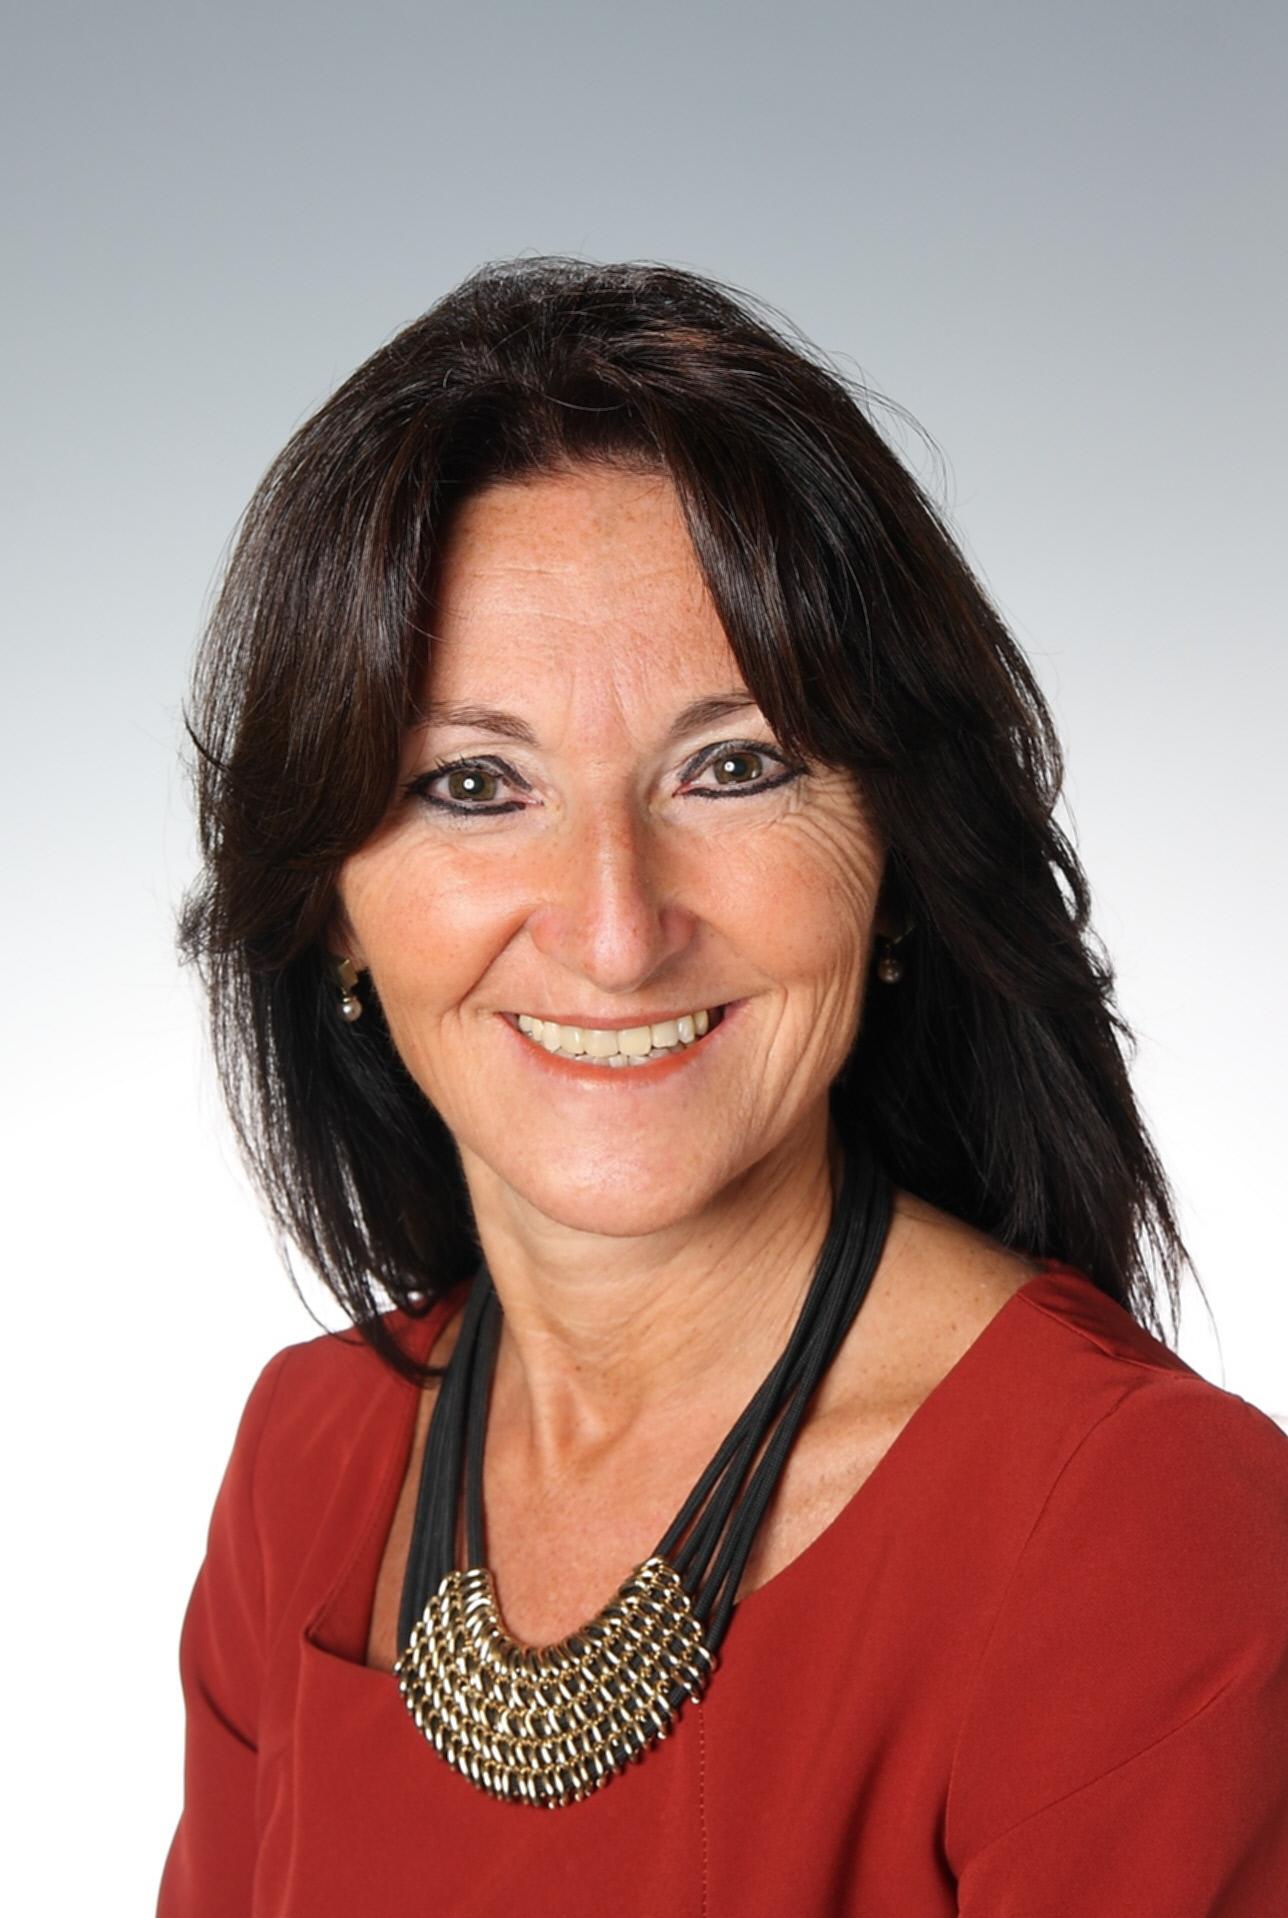 Karin Schachner